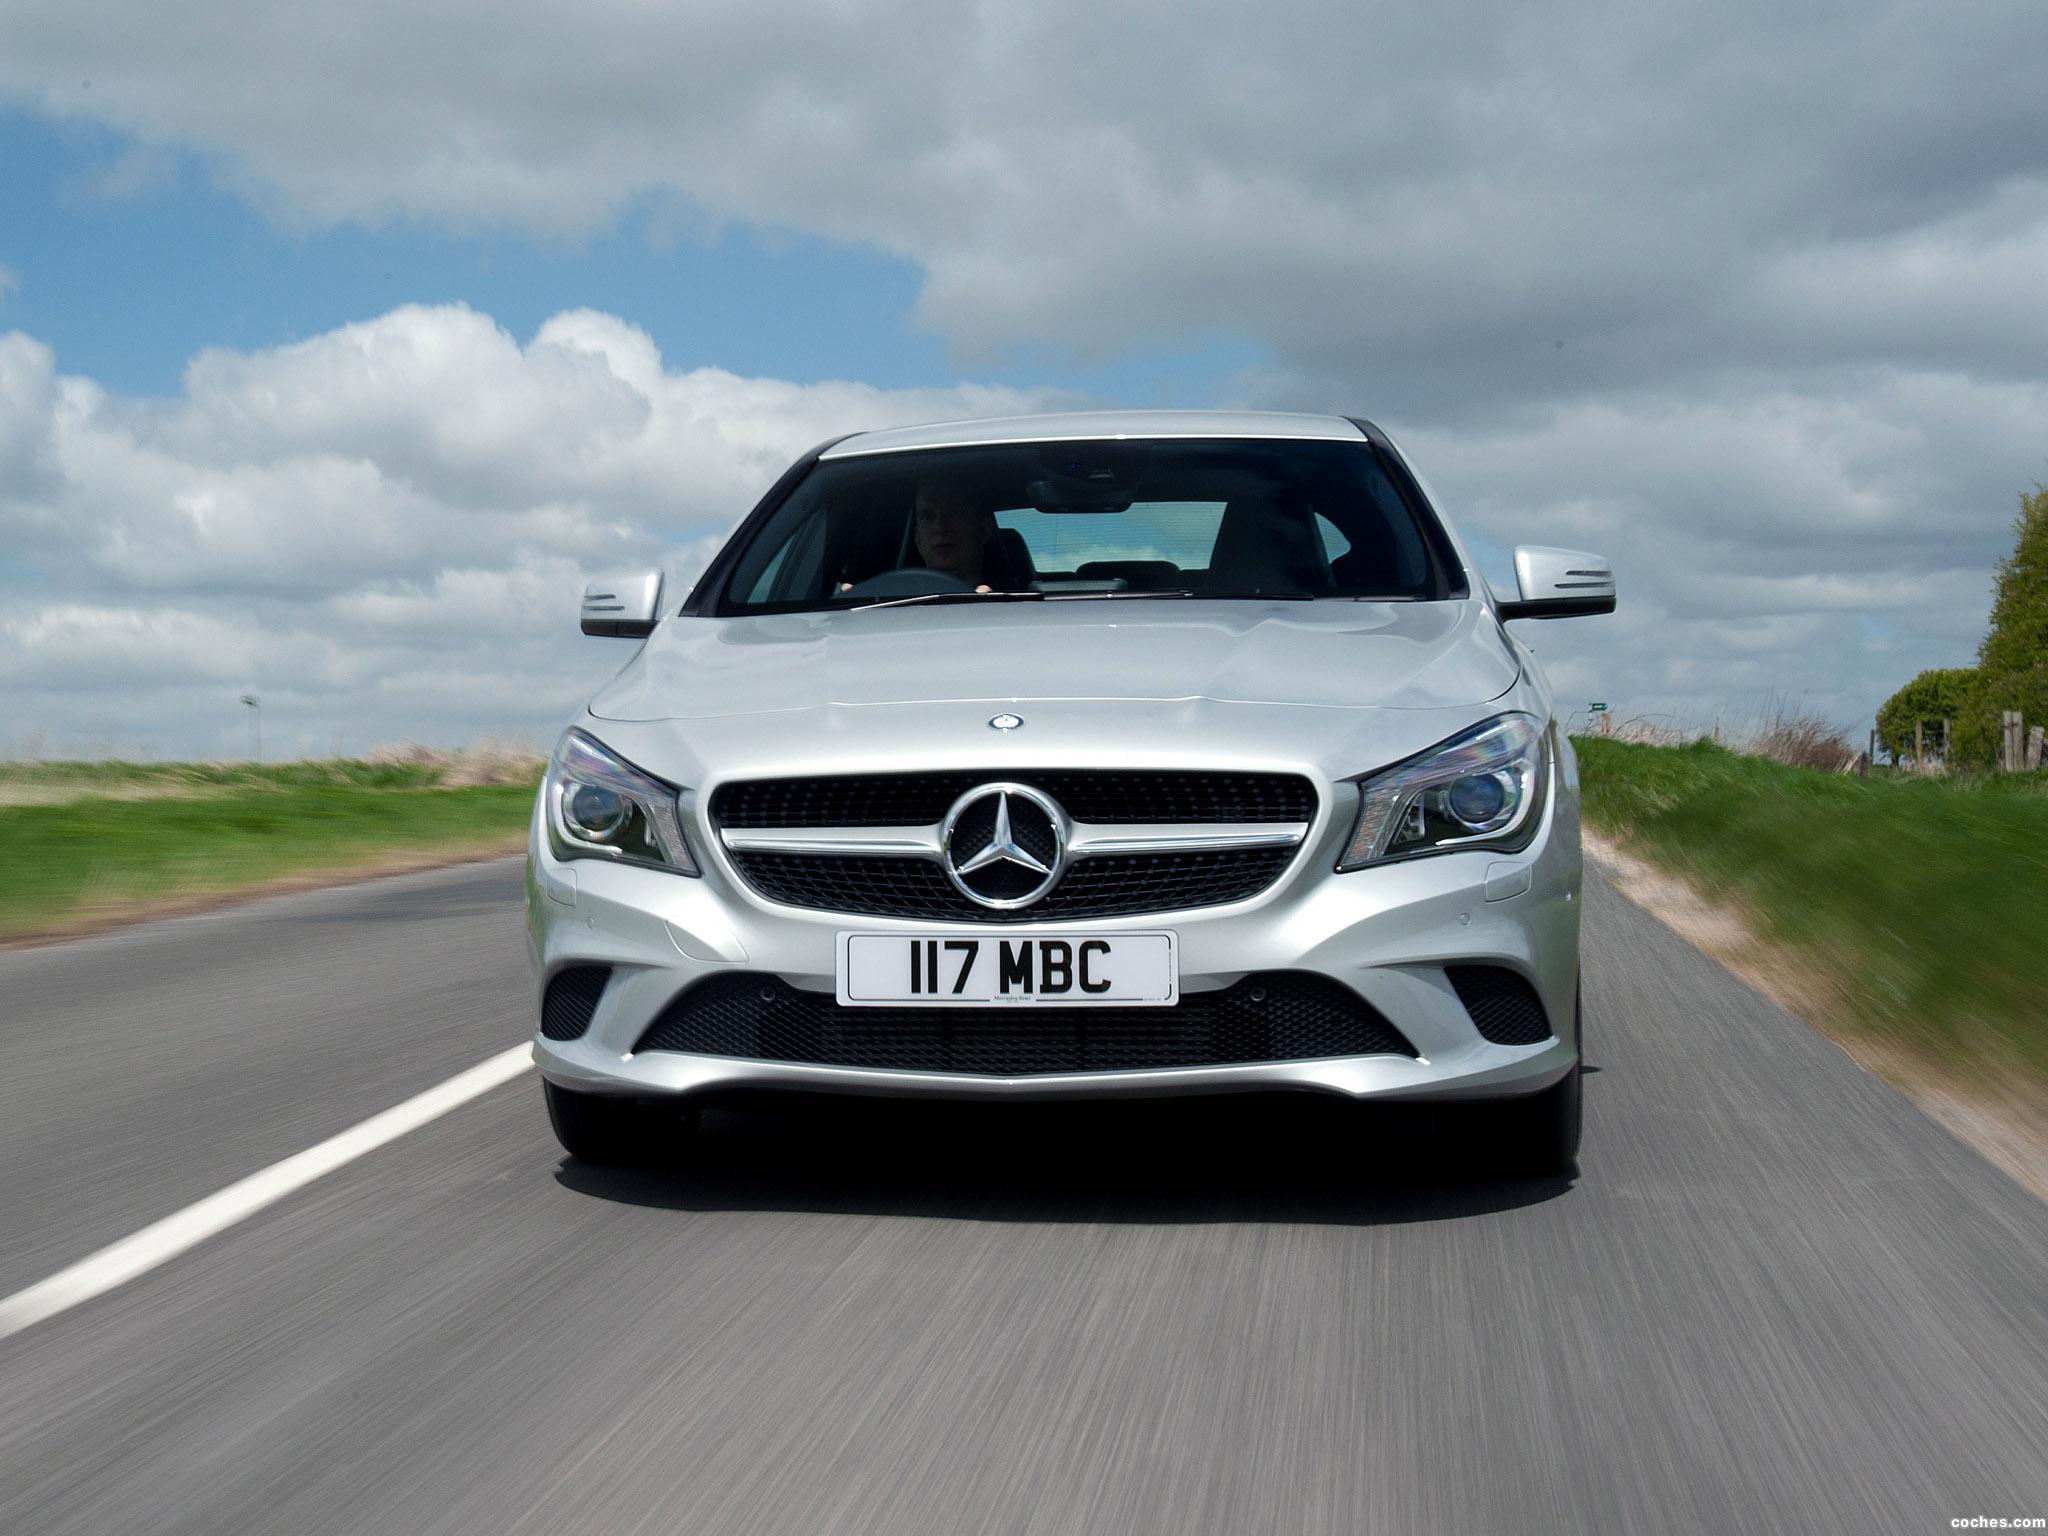 Foto 6 de Mercedes Clase CLA 180 UK 2013